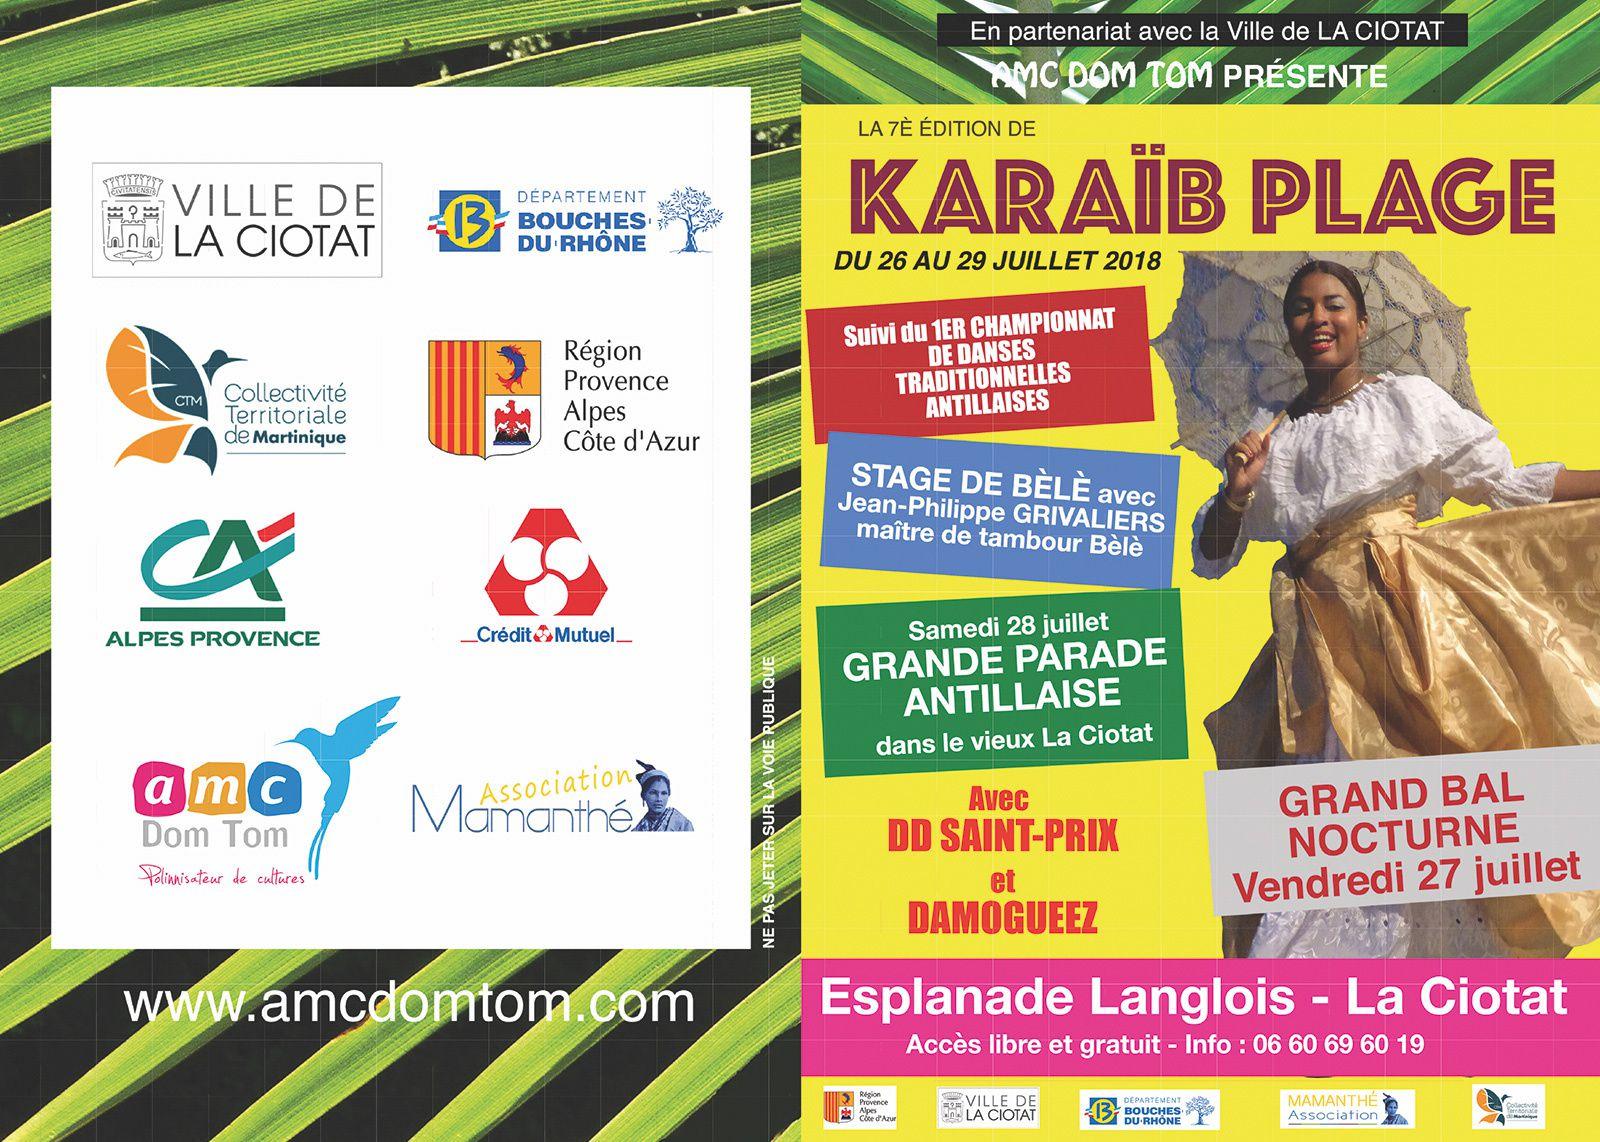 Du 26 au 29/07/18 - Karaïb Plage